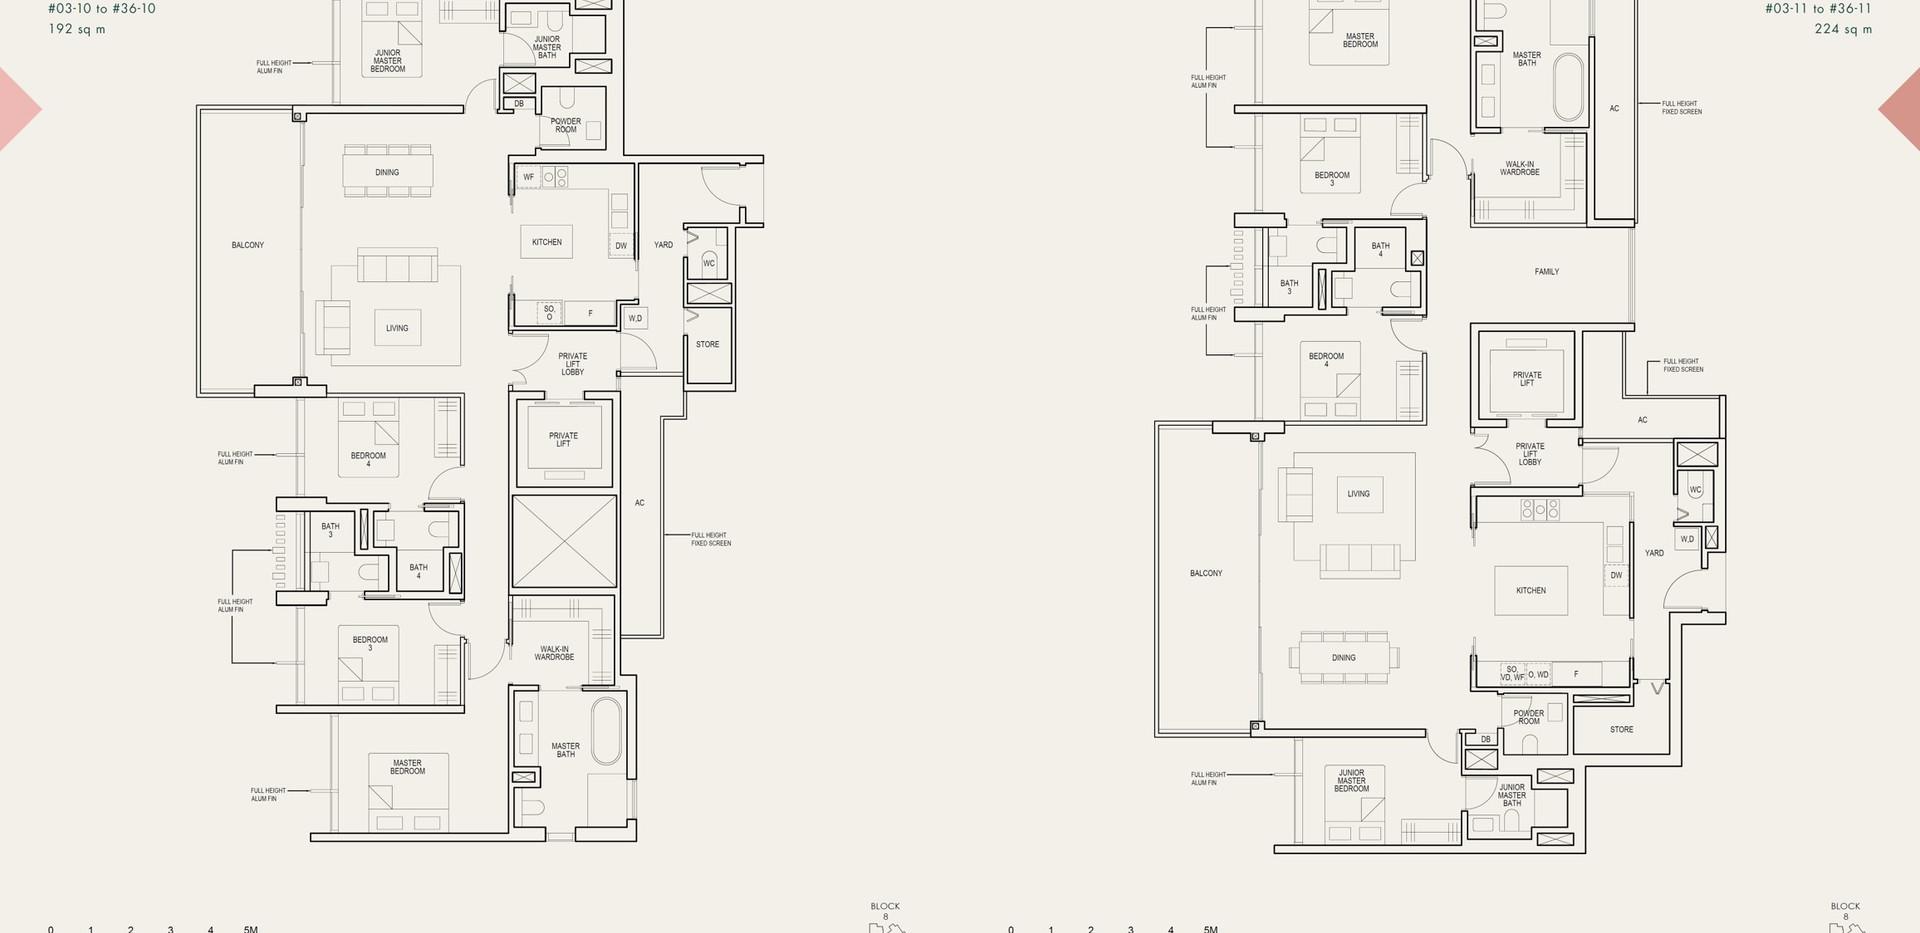 Floor Plan - Pg 5.jpg